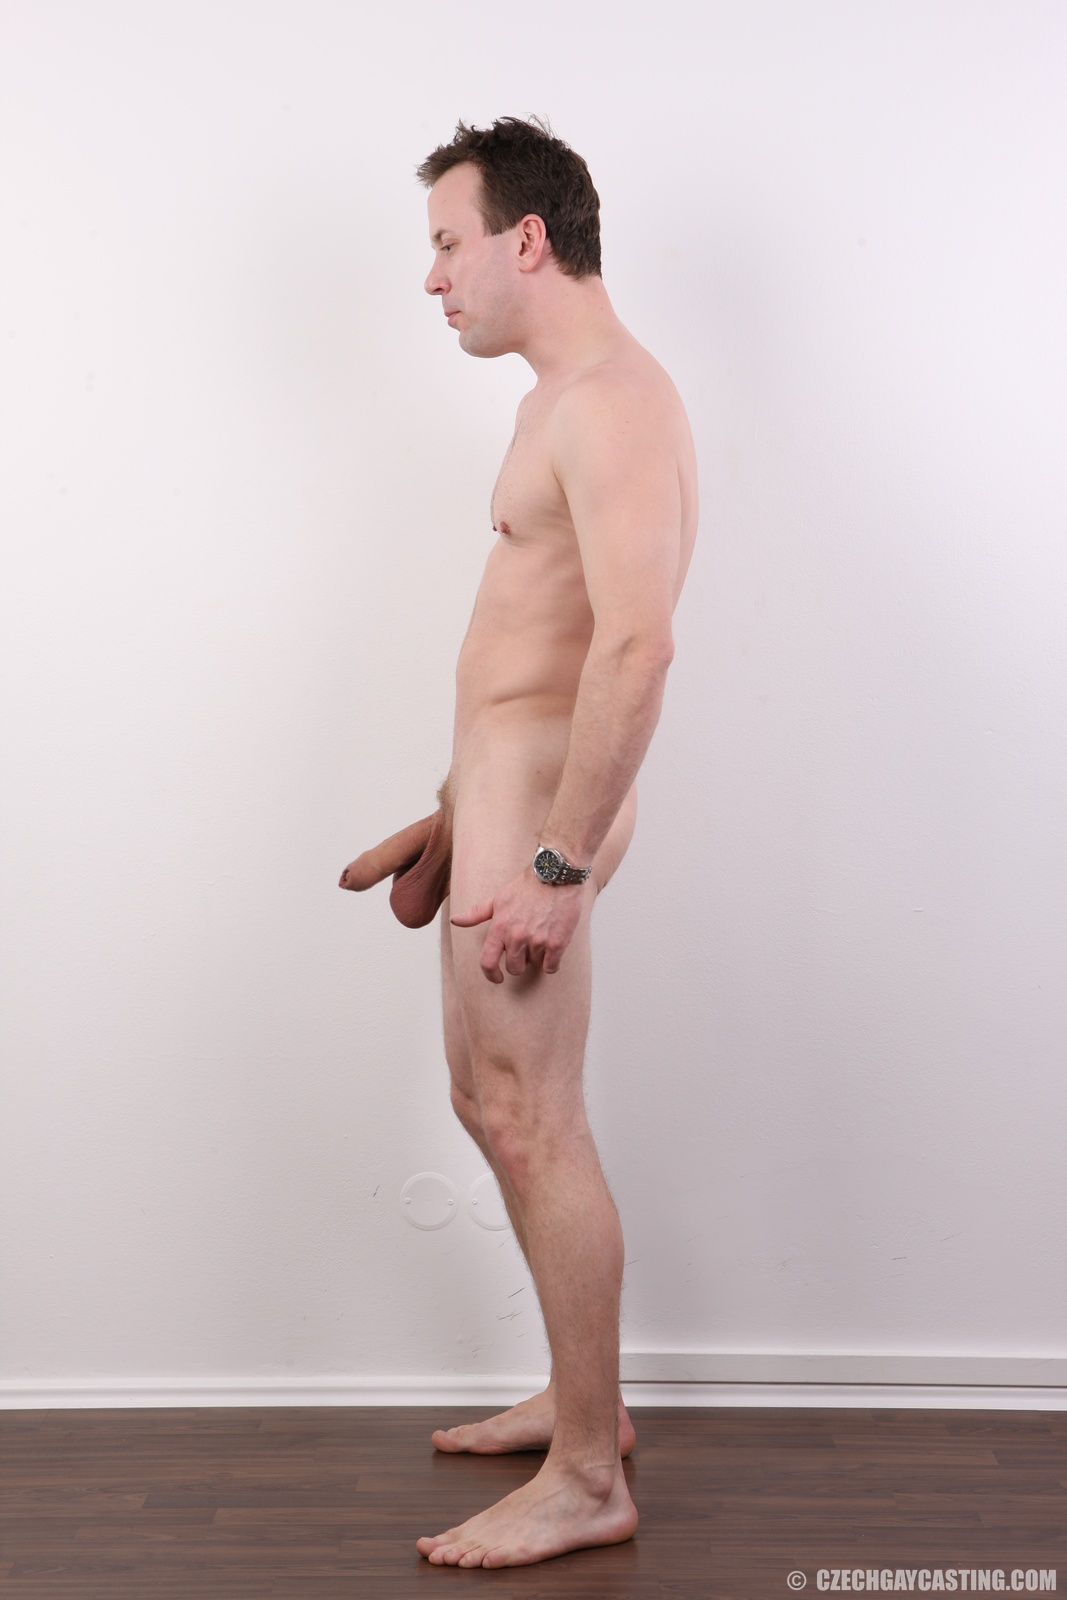 Amateur blowjob with interesting technique 2